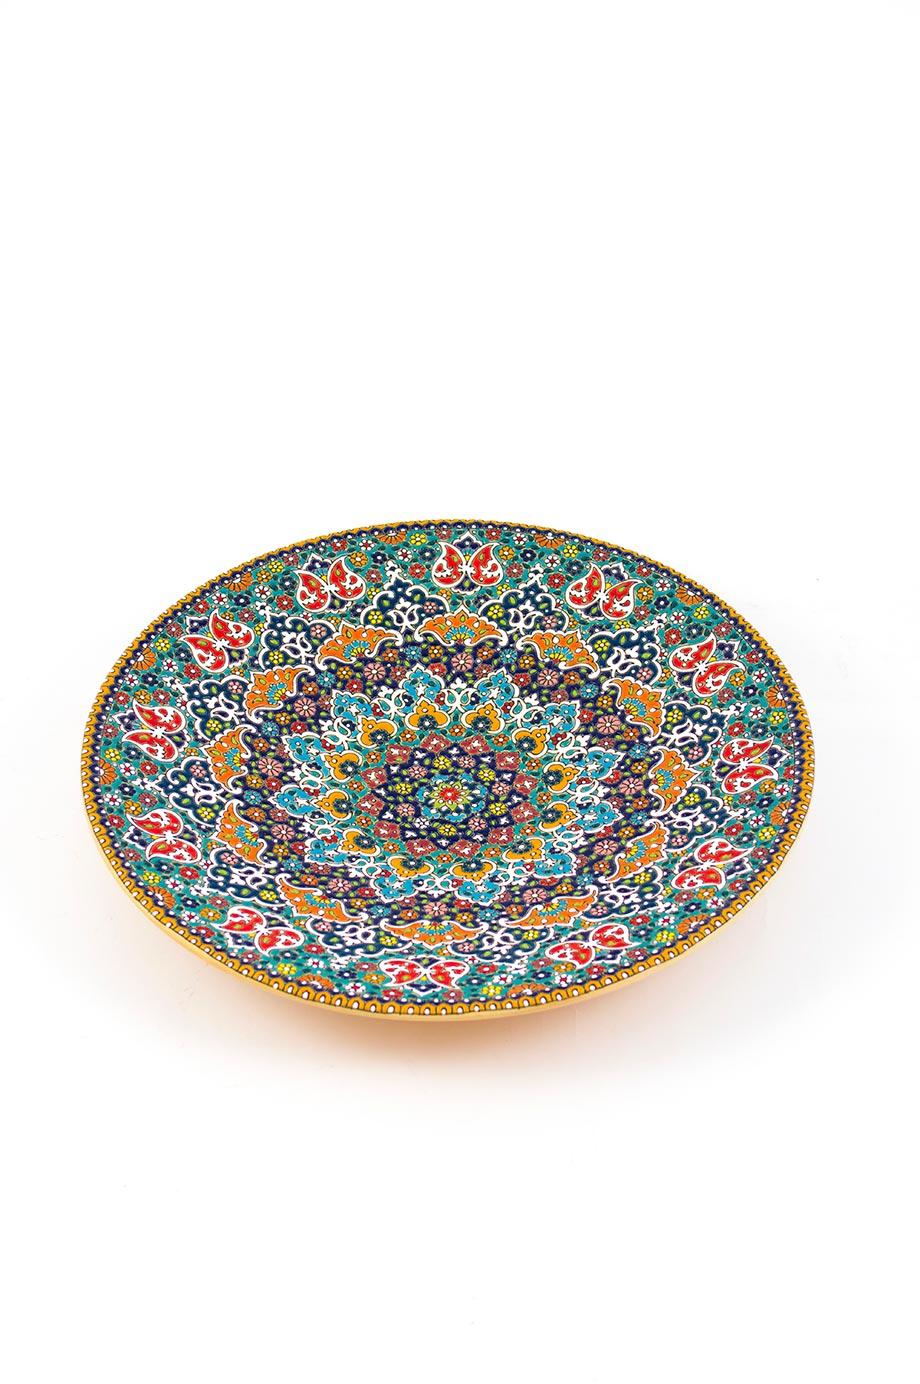 Assiette avec motif de dentelle en relief 35 cm